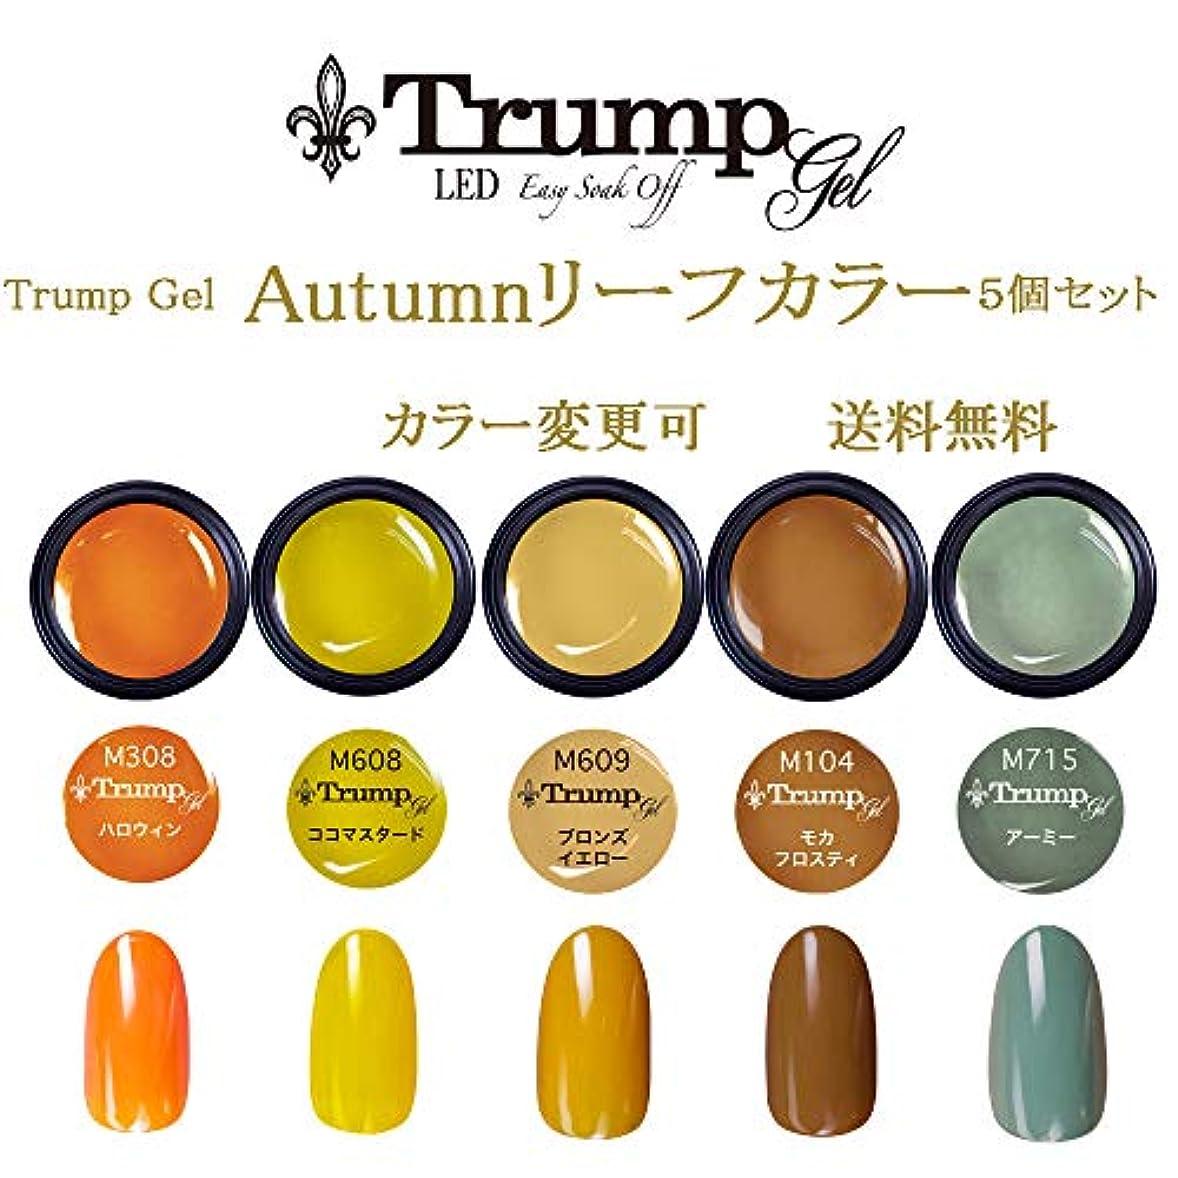 ジョージバーナード見ました文字通り【送料無料】日本製 Trump gel トランプジェル オータムリーフカラー 選べる カラージェル 5個セット オータムネイル ベージュ ブラウン マスタード カラー